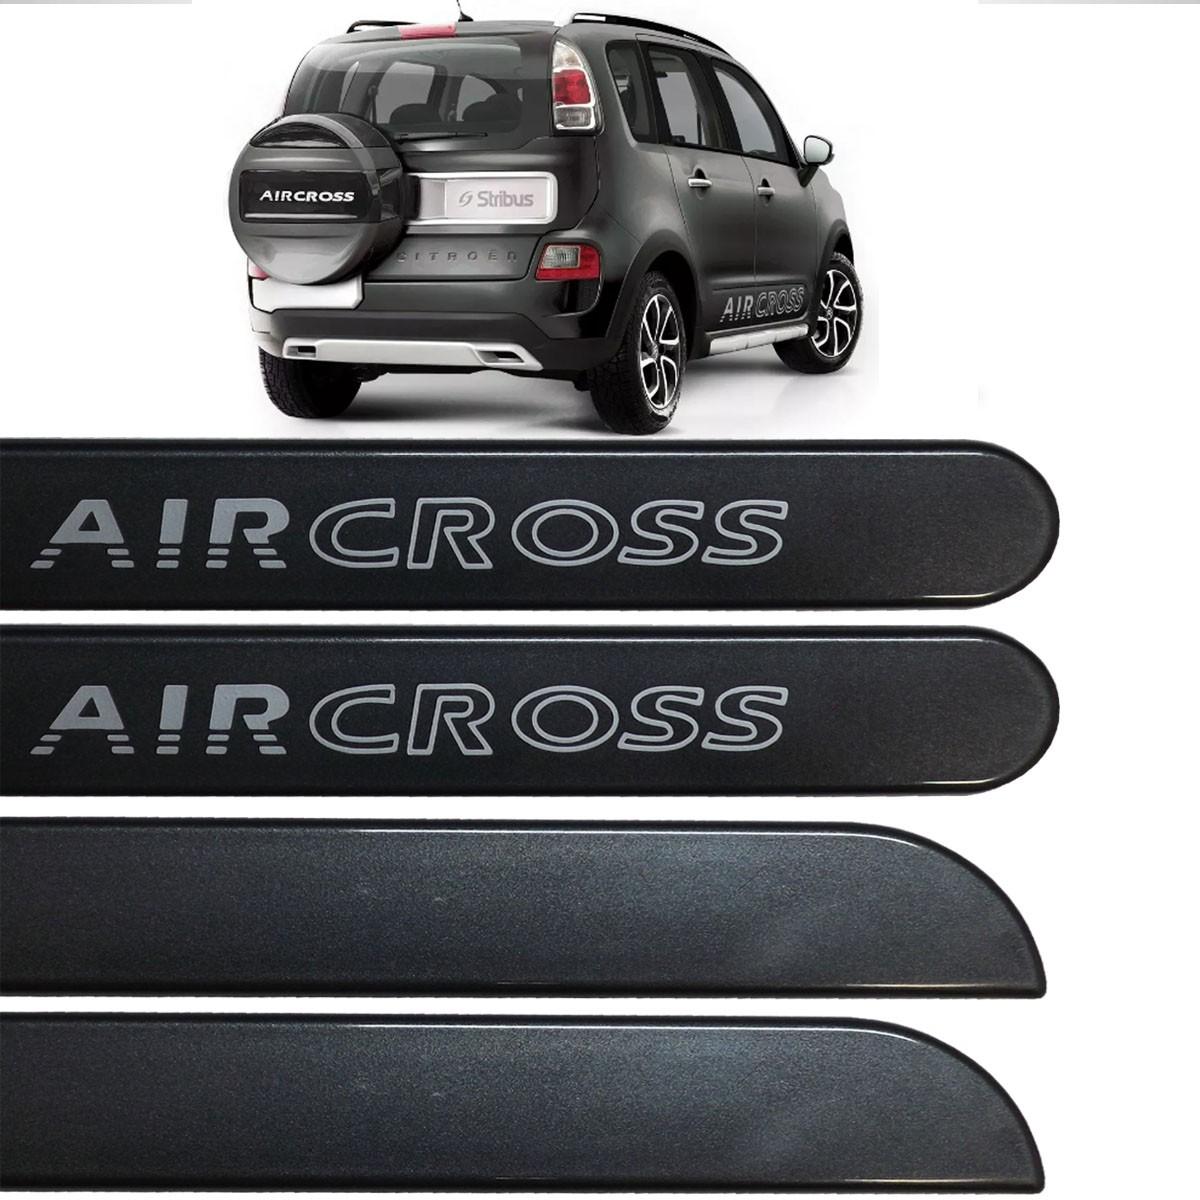 Jogo Friso Lateral AirCross Cinza Grafito 2013 até 2016